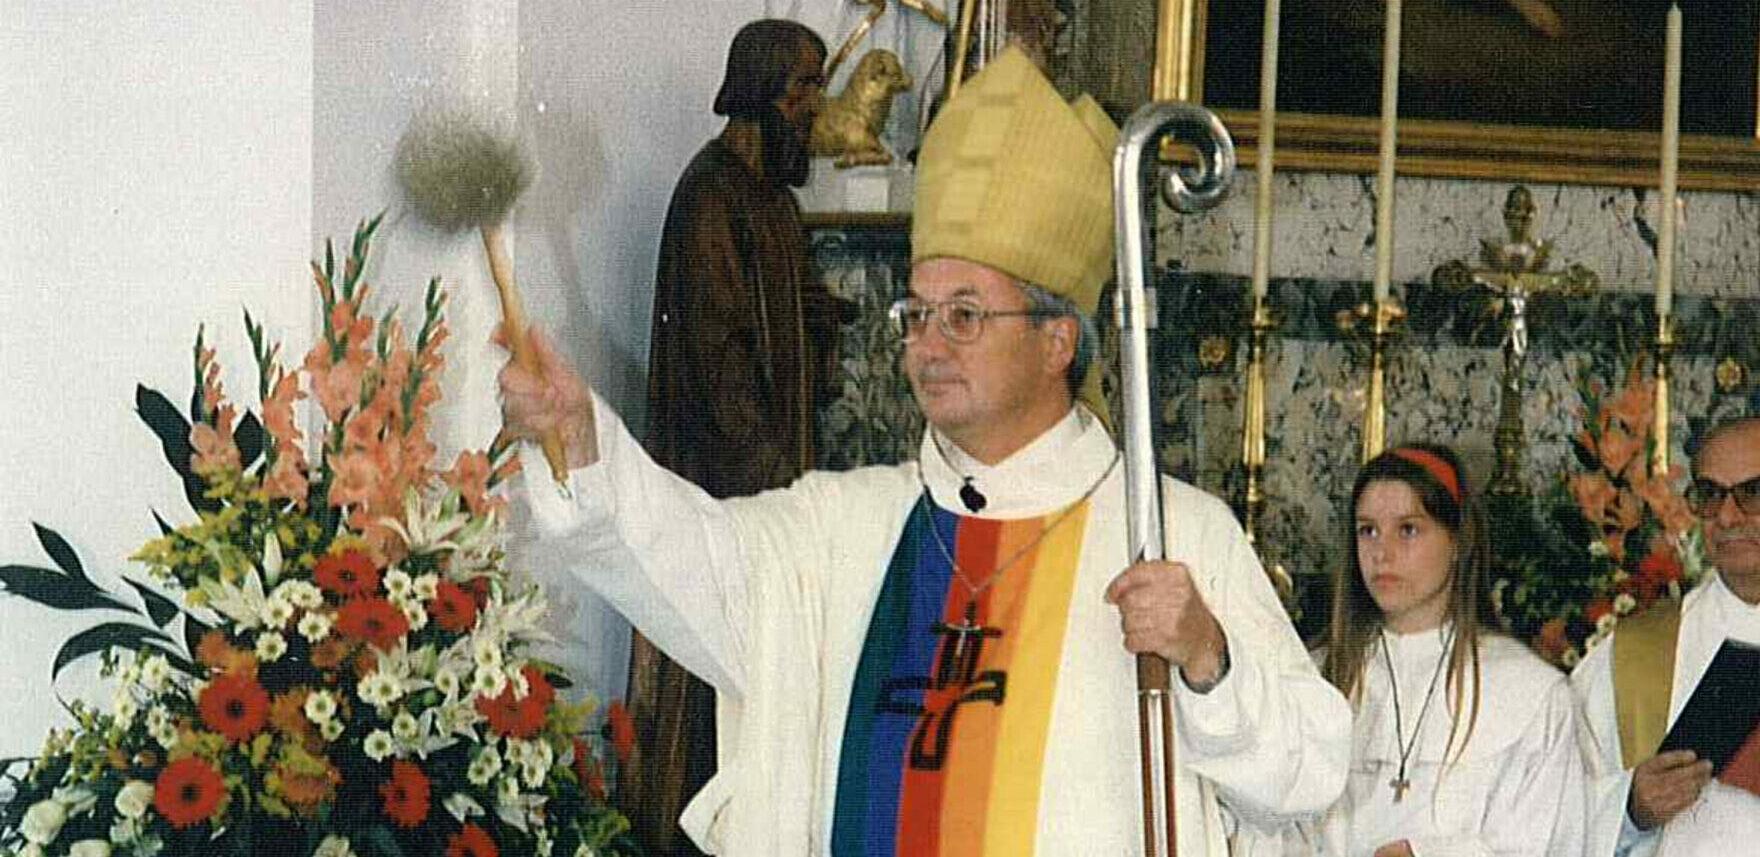 Weihbischof Martin Gächter